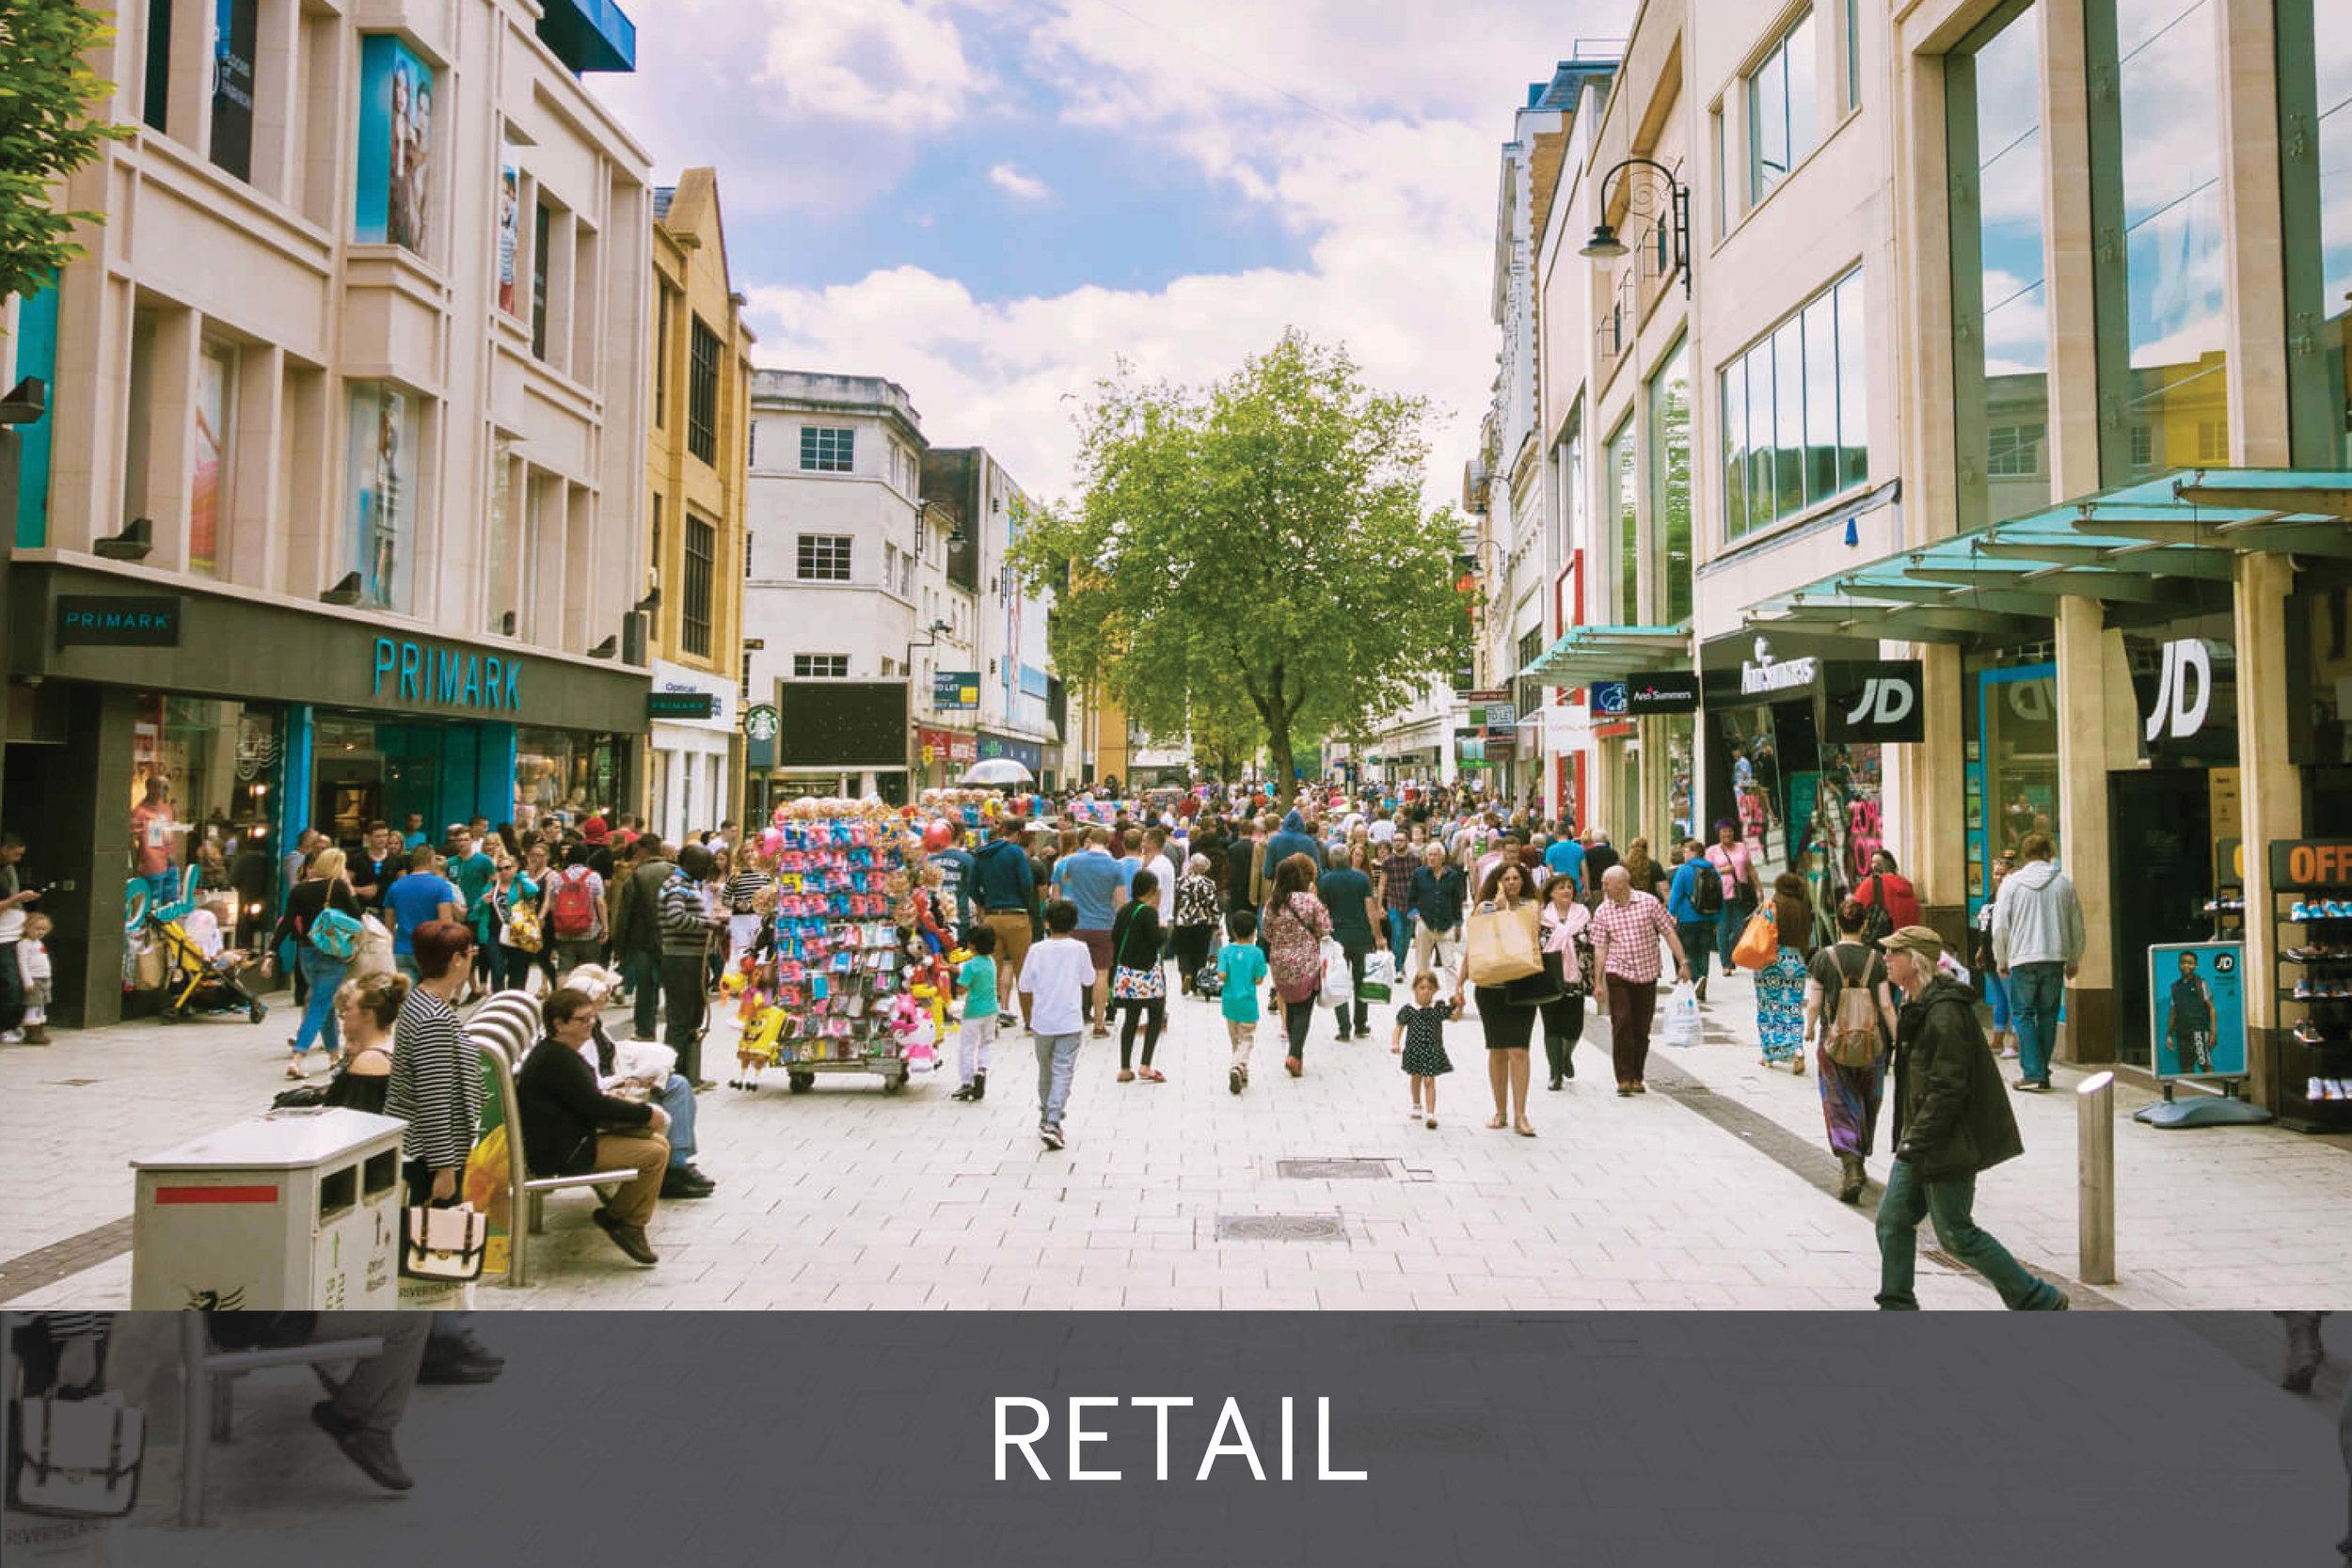 Retail v3.jpg